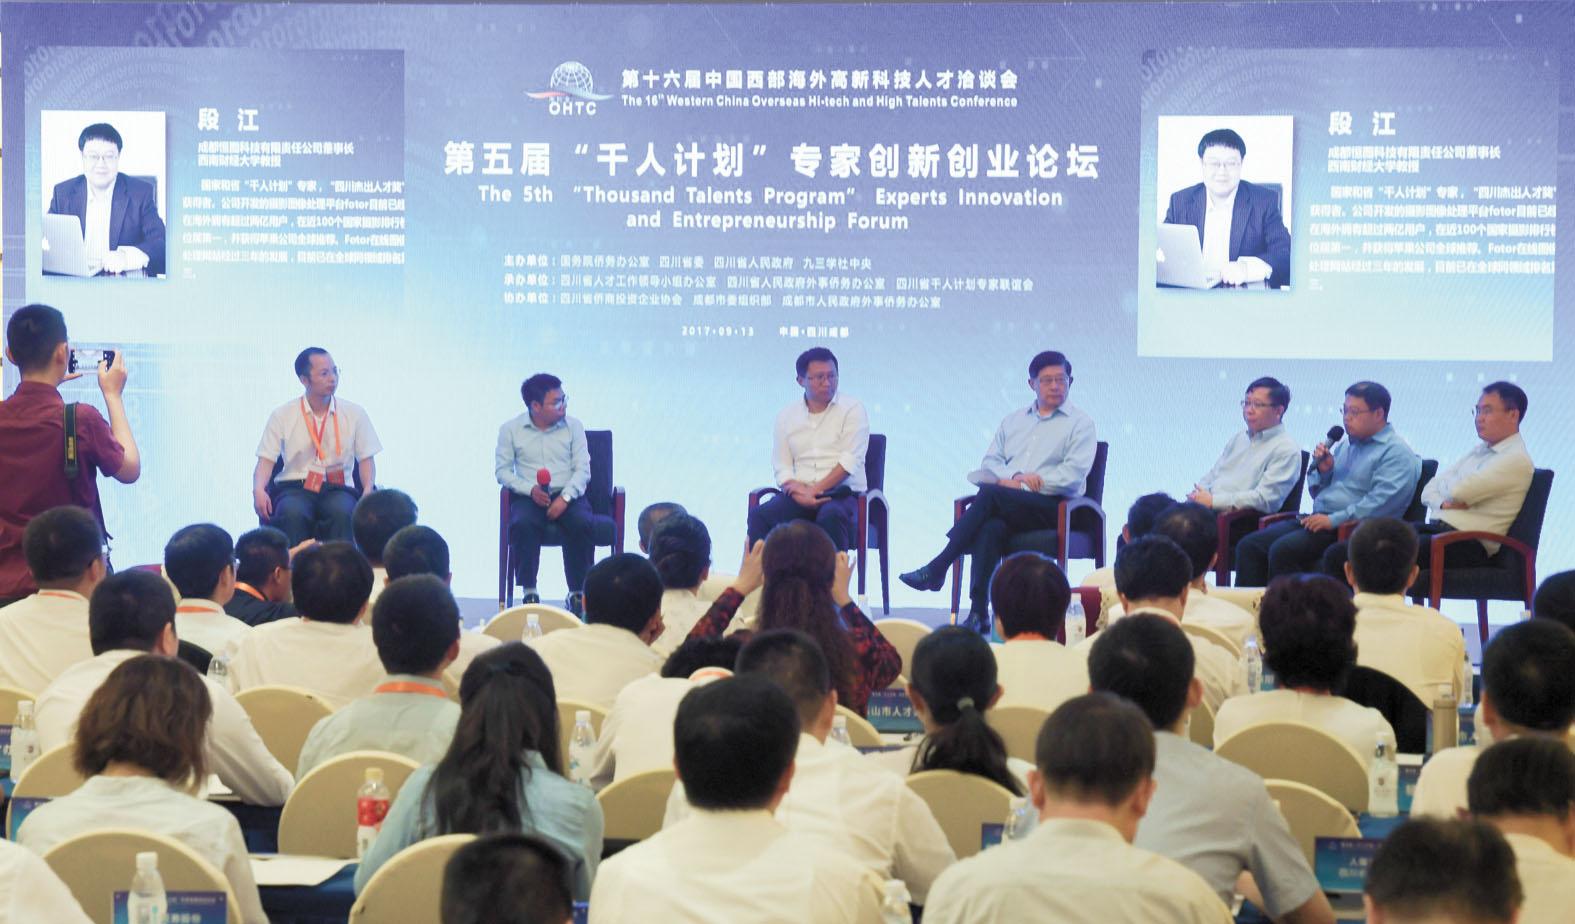 王春在被指在NOAA任職期間,參與了中國長江學者計劃、「千人計劃」及「973計劃」,圖為在「千人計劃」專家創新創業論壇上,專家們分享成果和感受。資料圖片